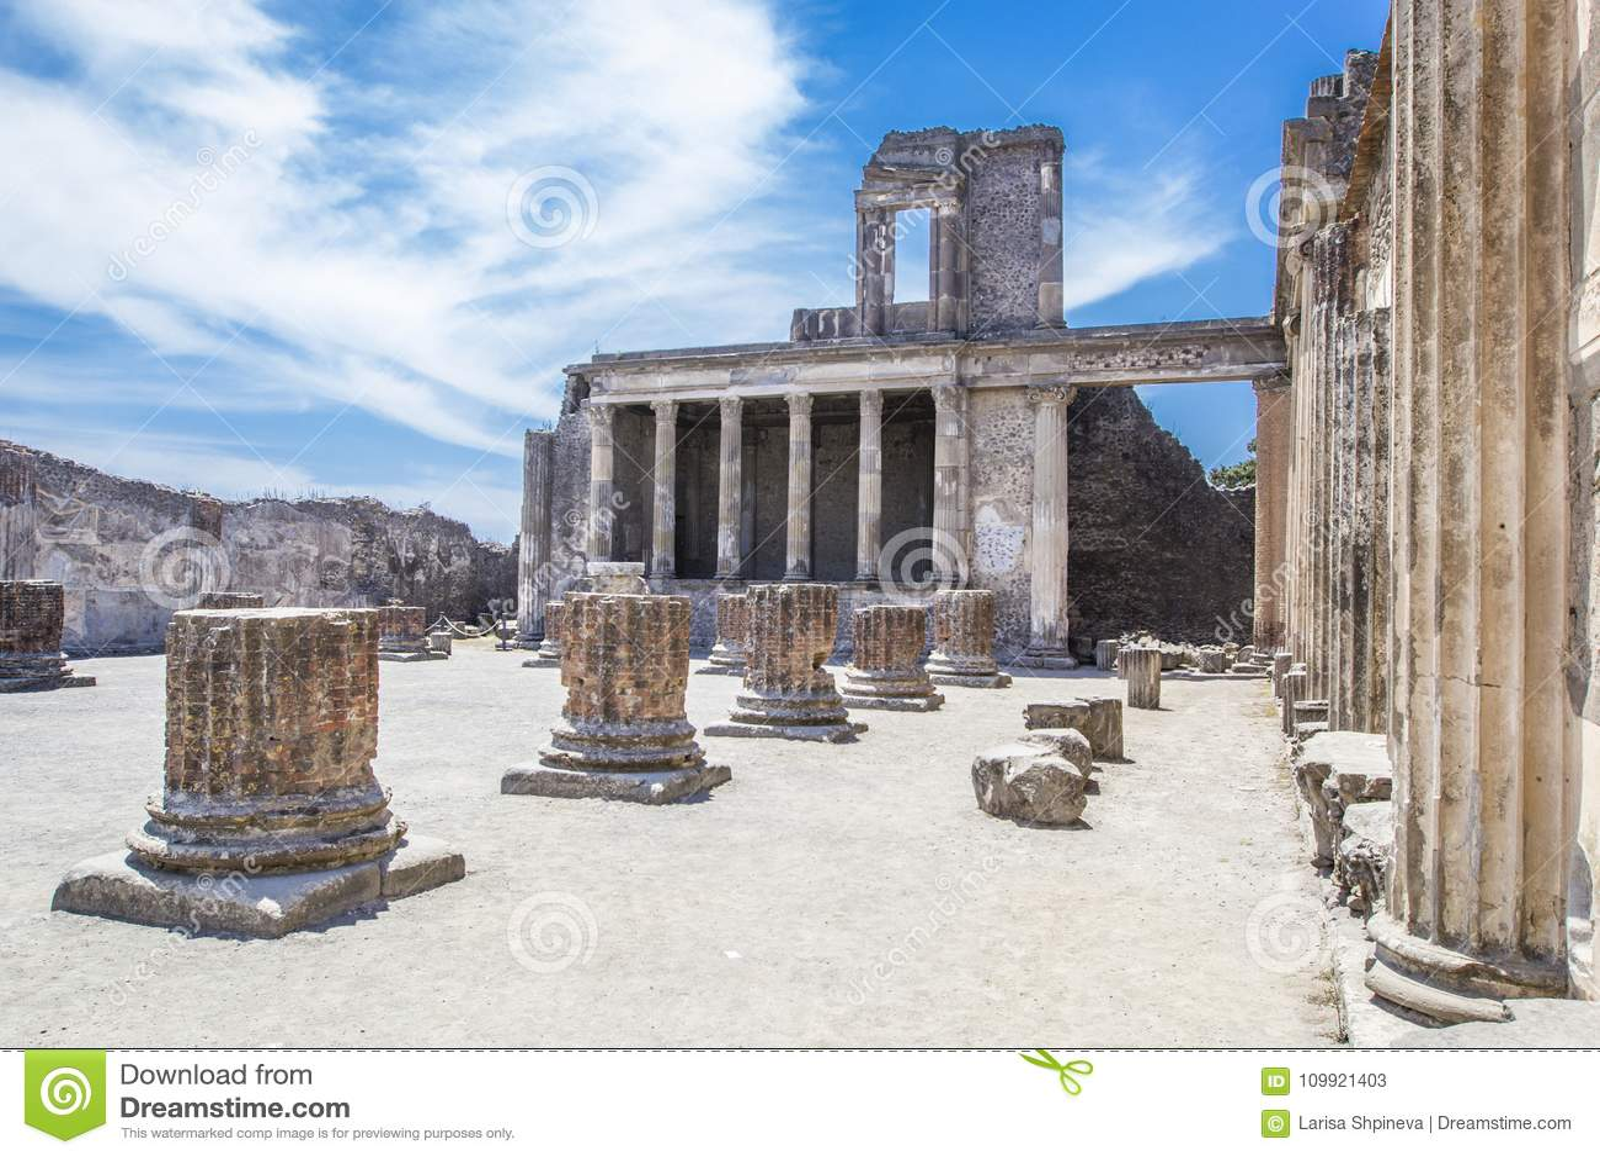 Ruines antiques à Pompeii - colonnade dans la cour de Domus Pompéi dedans par l intermédiaire du della Abbondanza, Naples, Italie